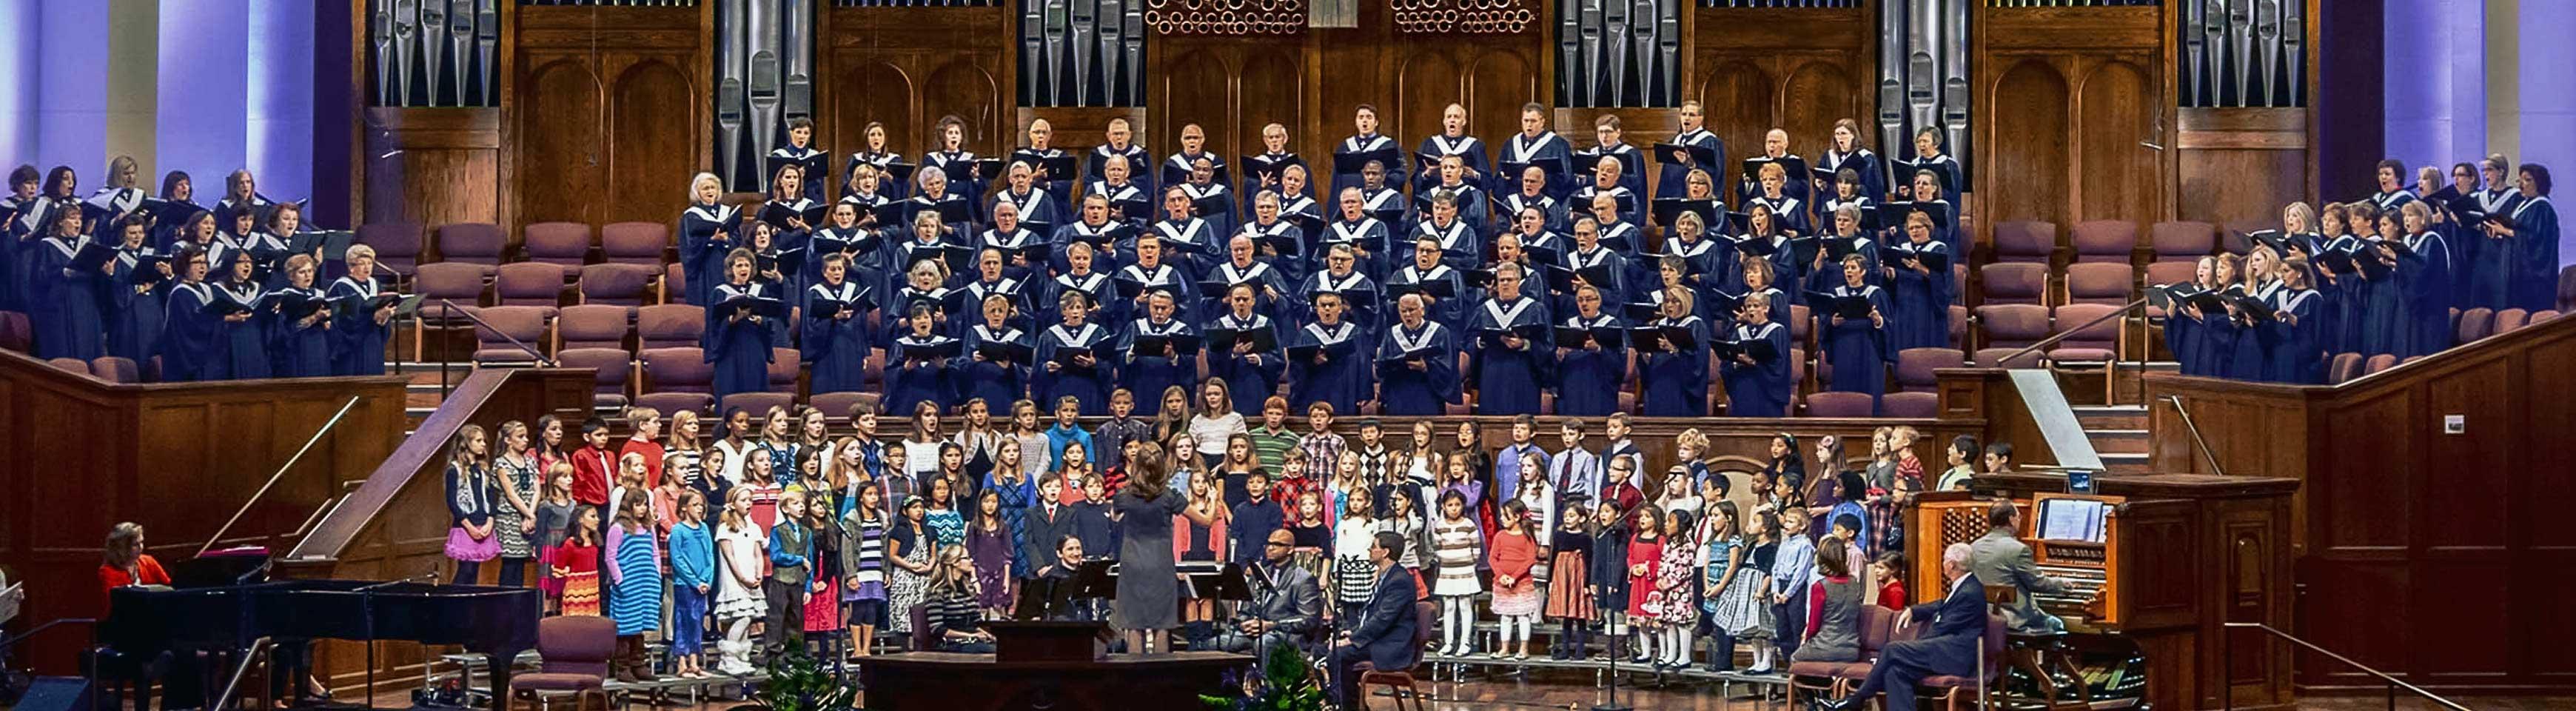 Worship and Music